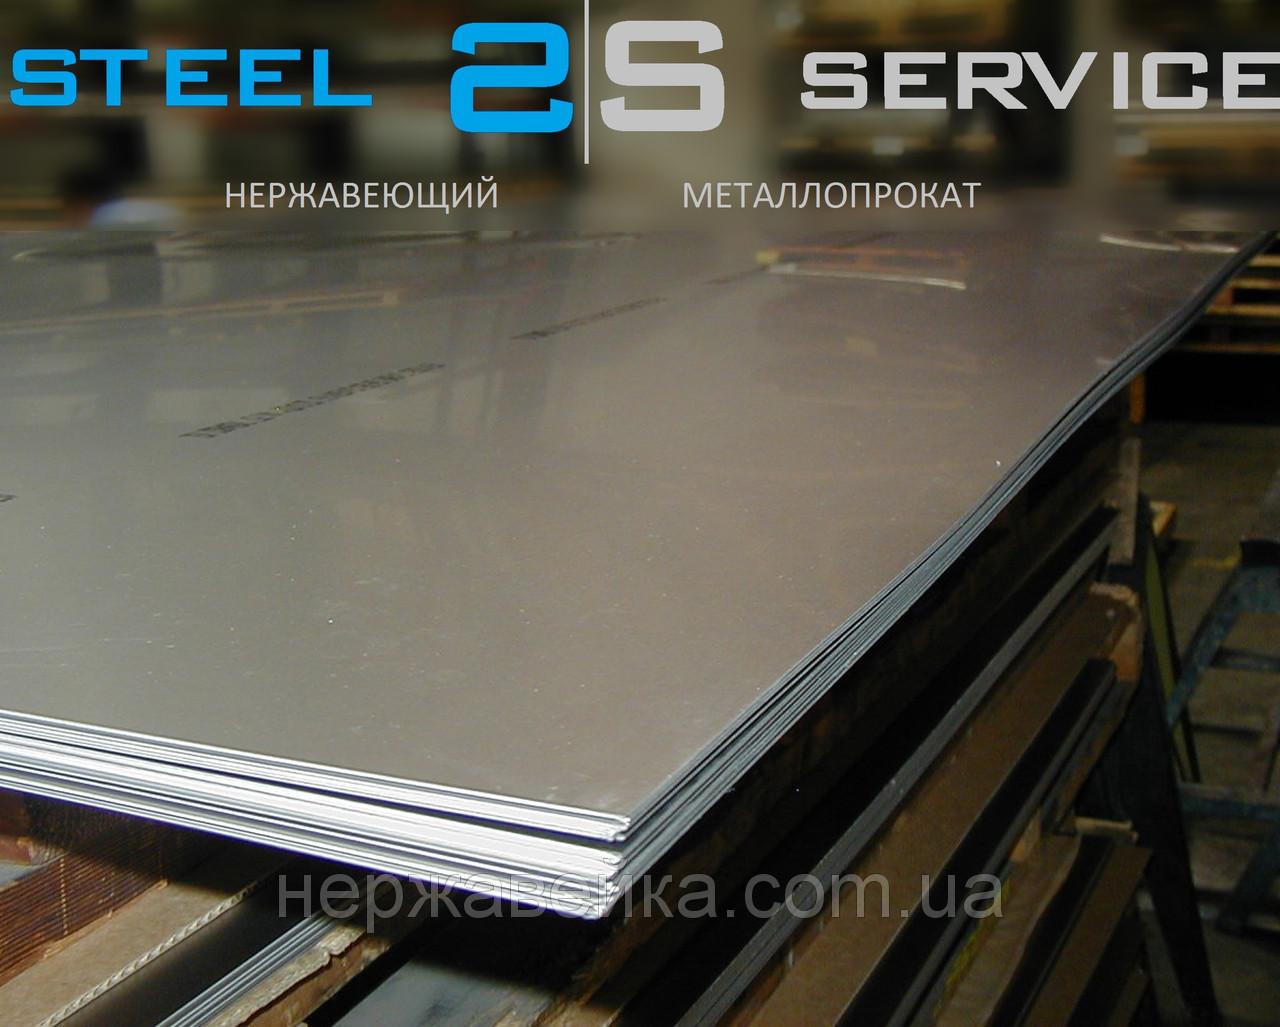 Нержавеющий лист 2х1250х2500мм AiSi 201  (12Х15Г9НД) - 4N - шлифованный